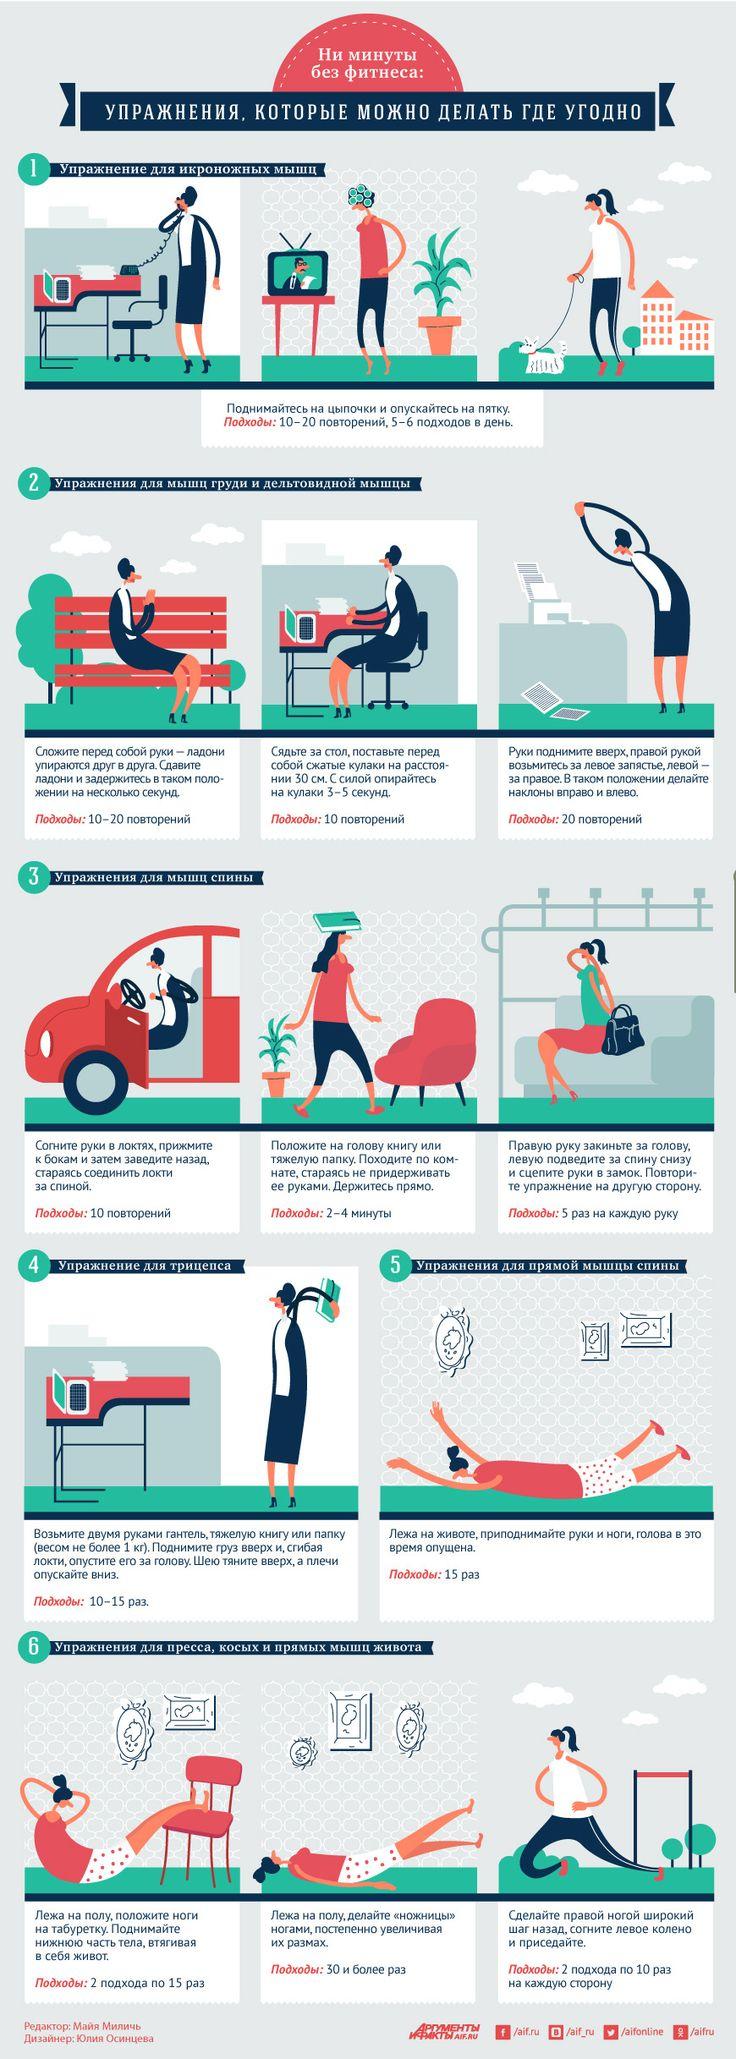 Ни минуты без фитнеса: упражнения, которые можно делать где угодно | Секреты красоты | Здоровье | Аргументы и Факты